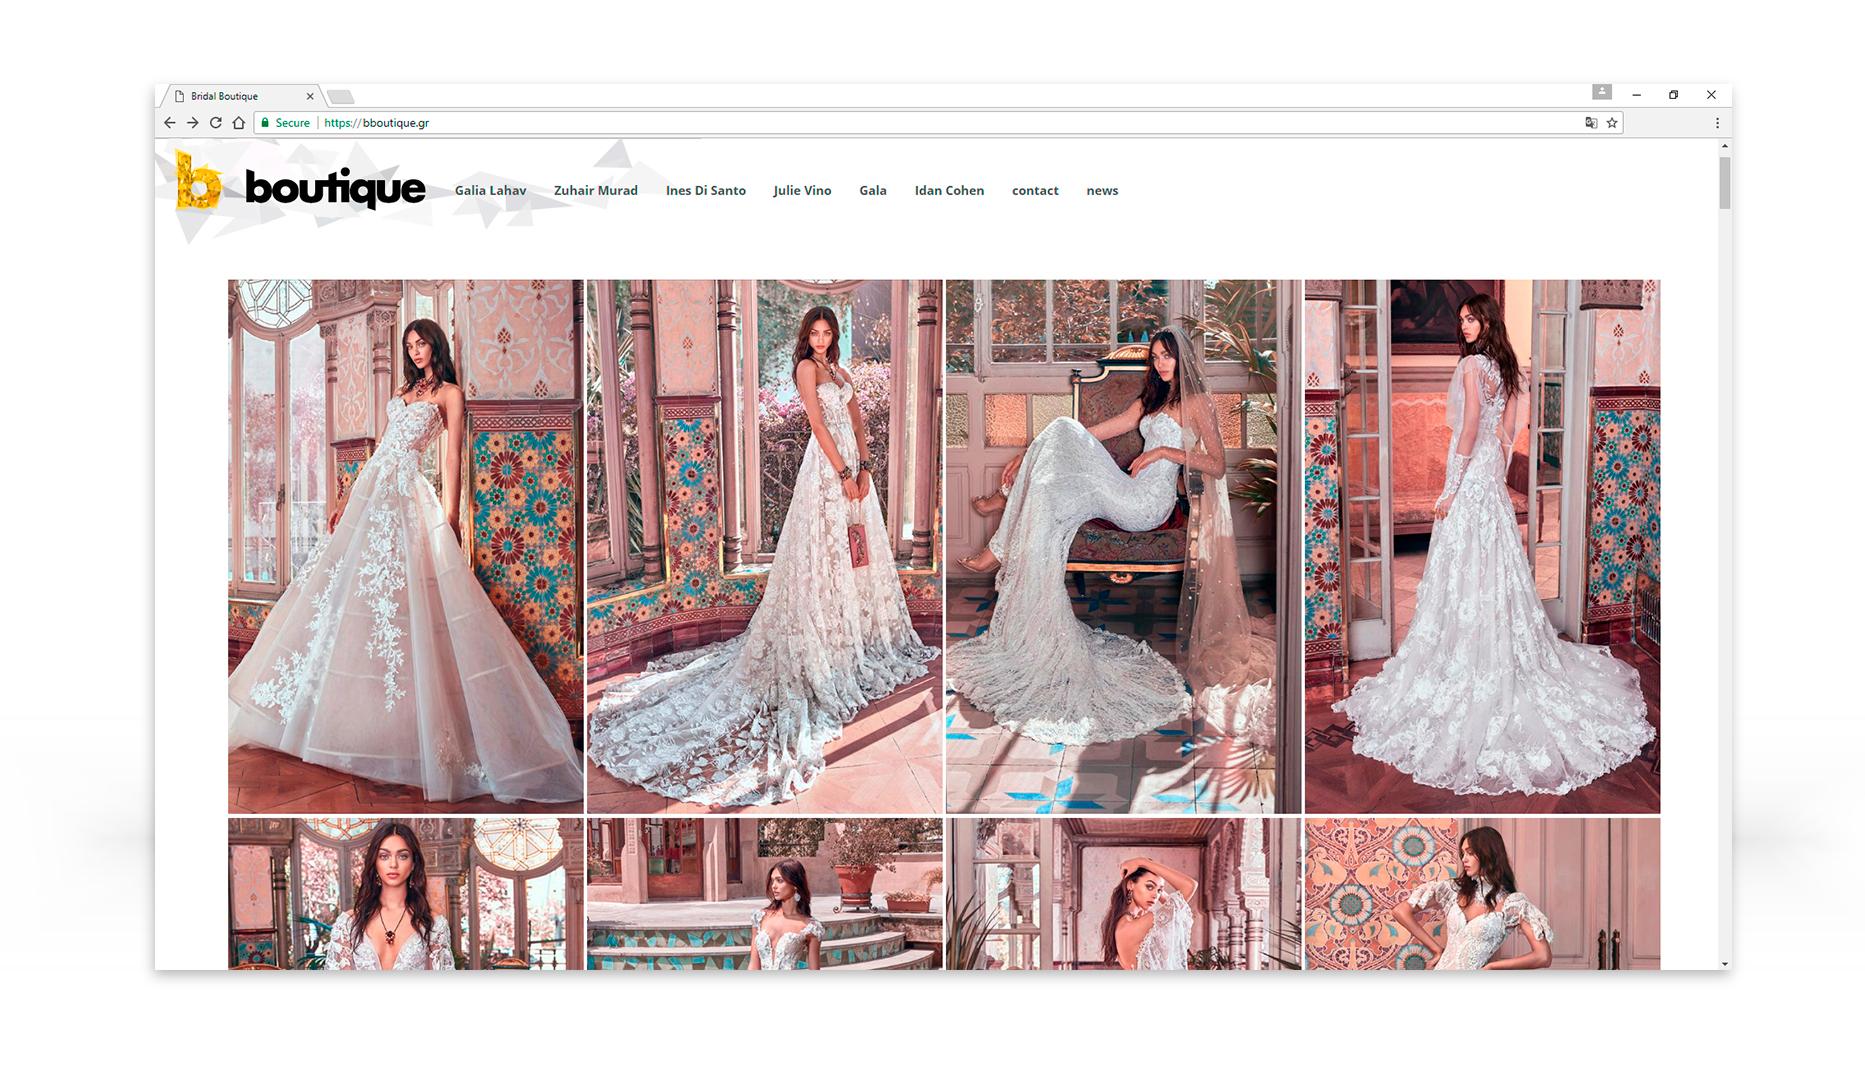 Σχεδιασμός ιστοσελίδας boutique • adeadpixel